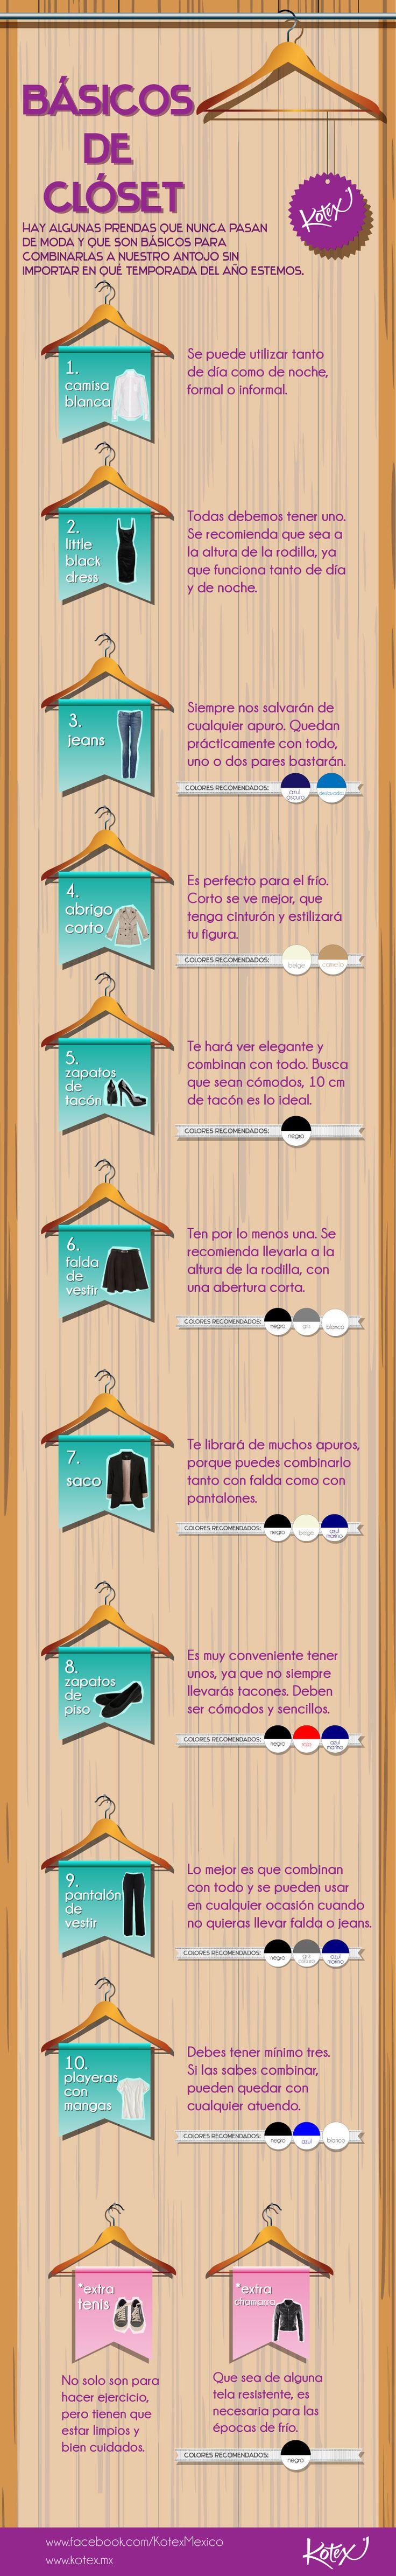 Lo necesario en el clóset para sobrevivir al mundo de la moda. ¿Sabes cuáles son los básicos? Más información en http://www.entrenovias.es/asesoria-de-imagen-personal/